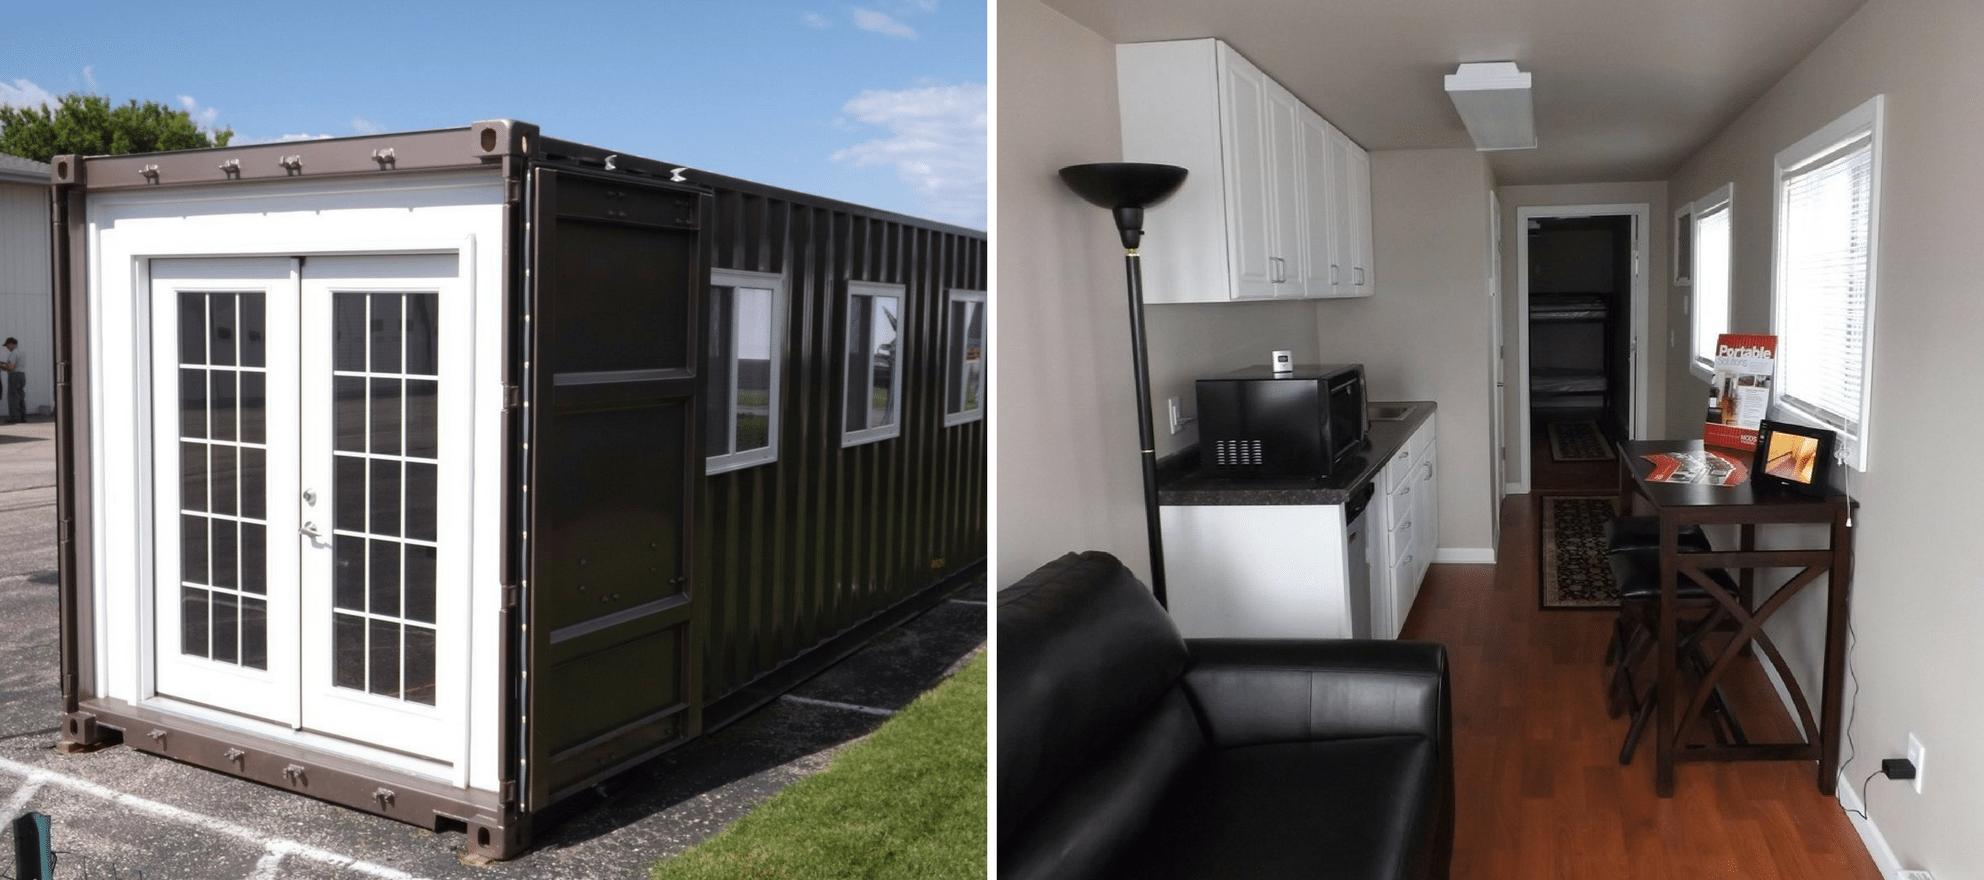 amazon delivers tiny houses